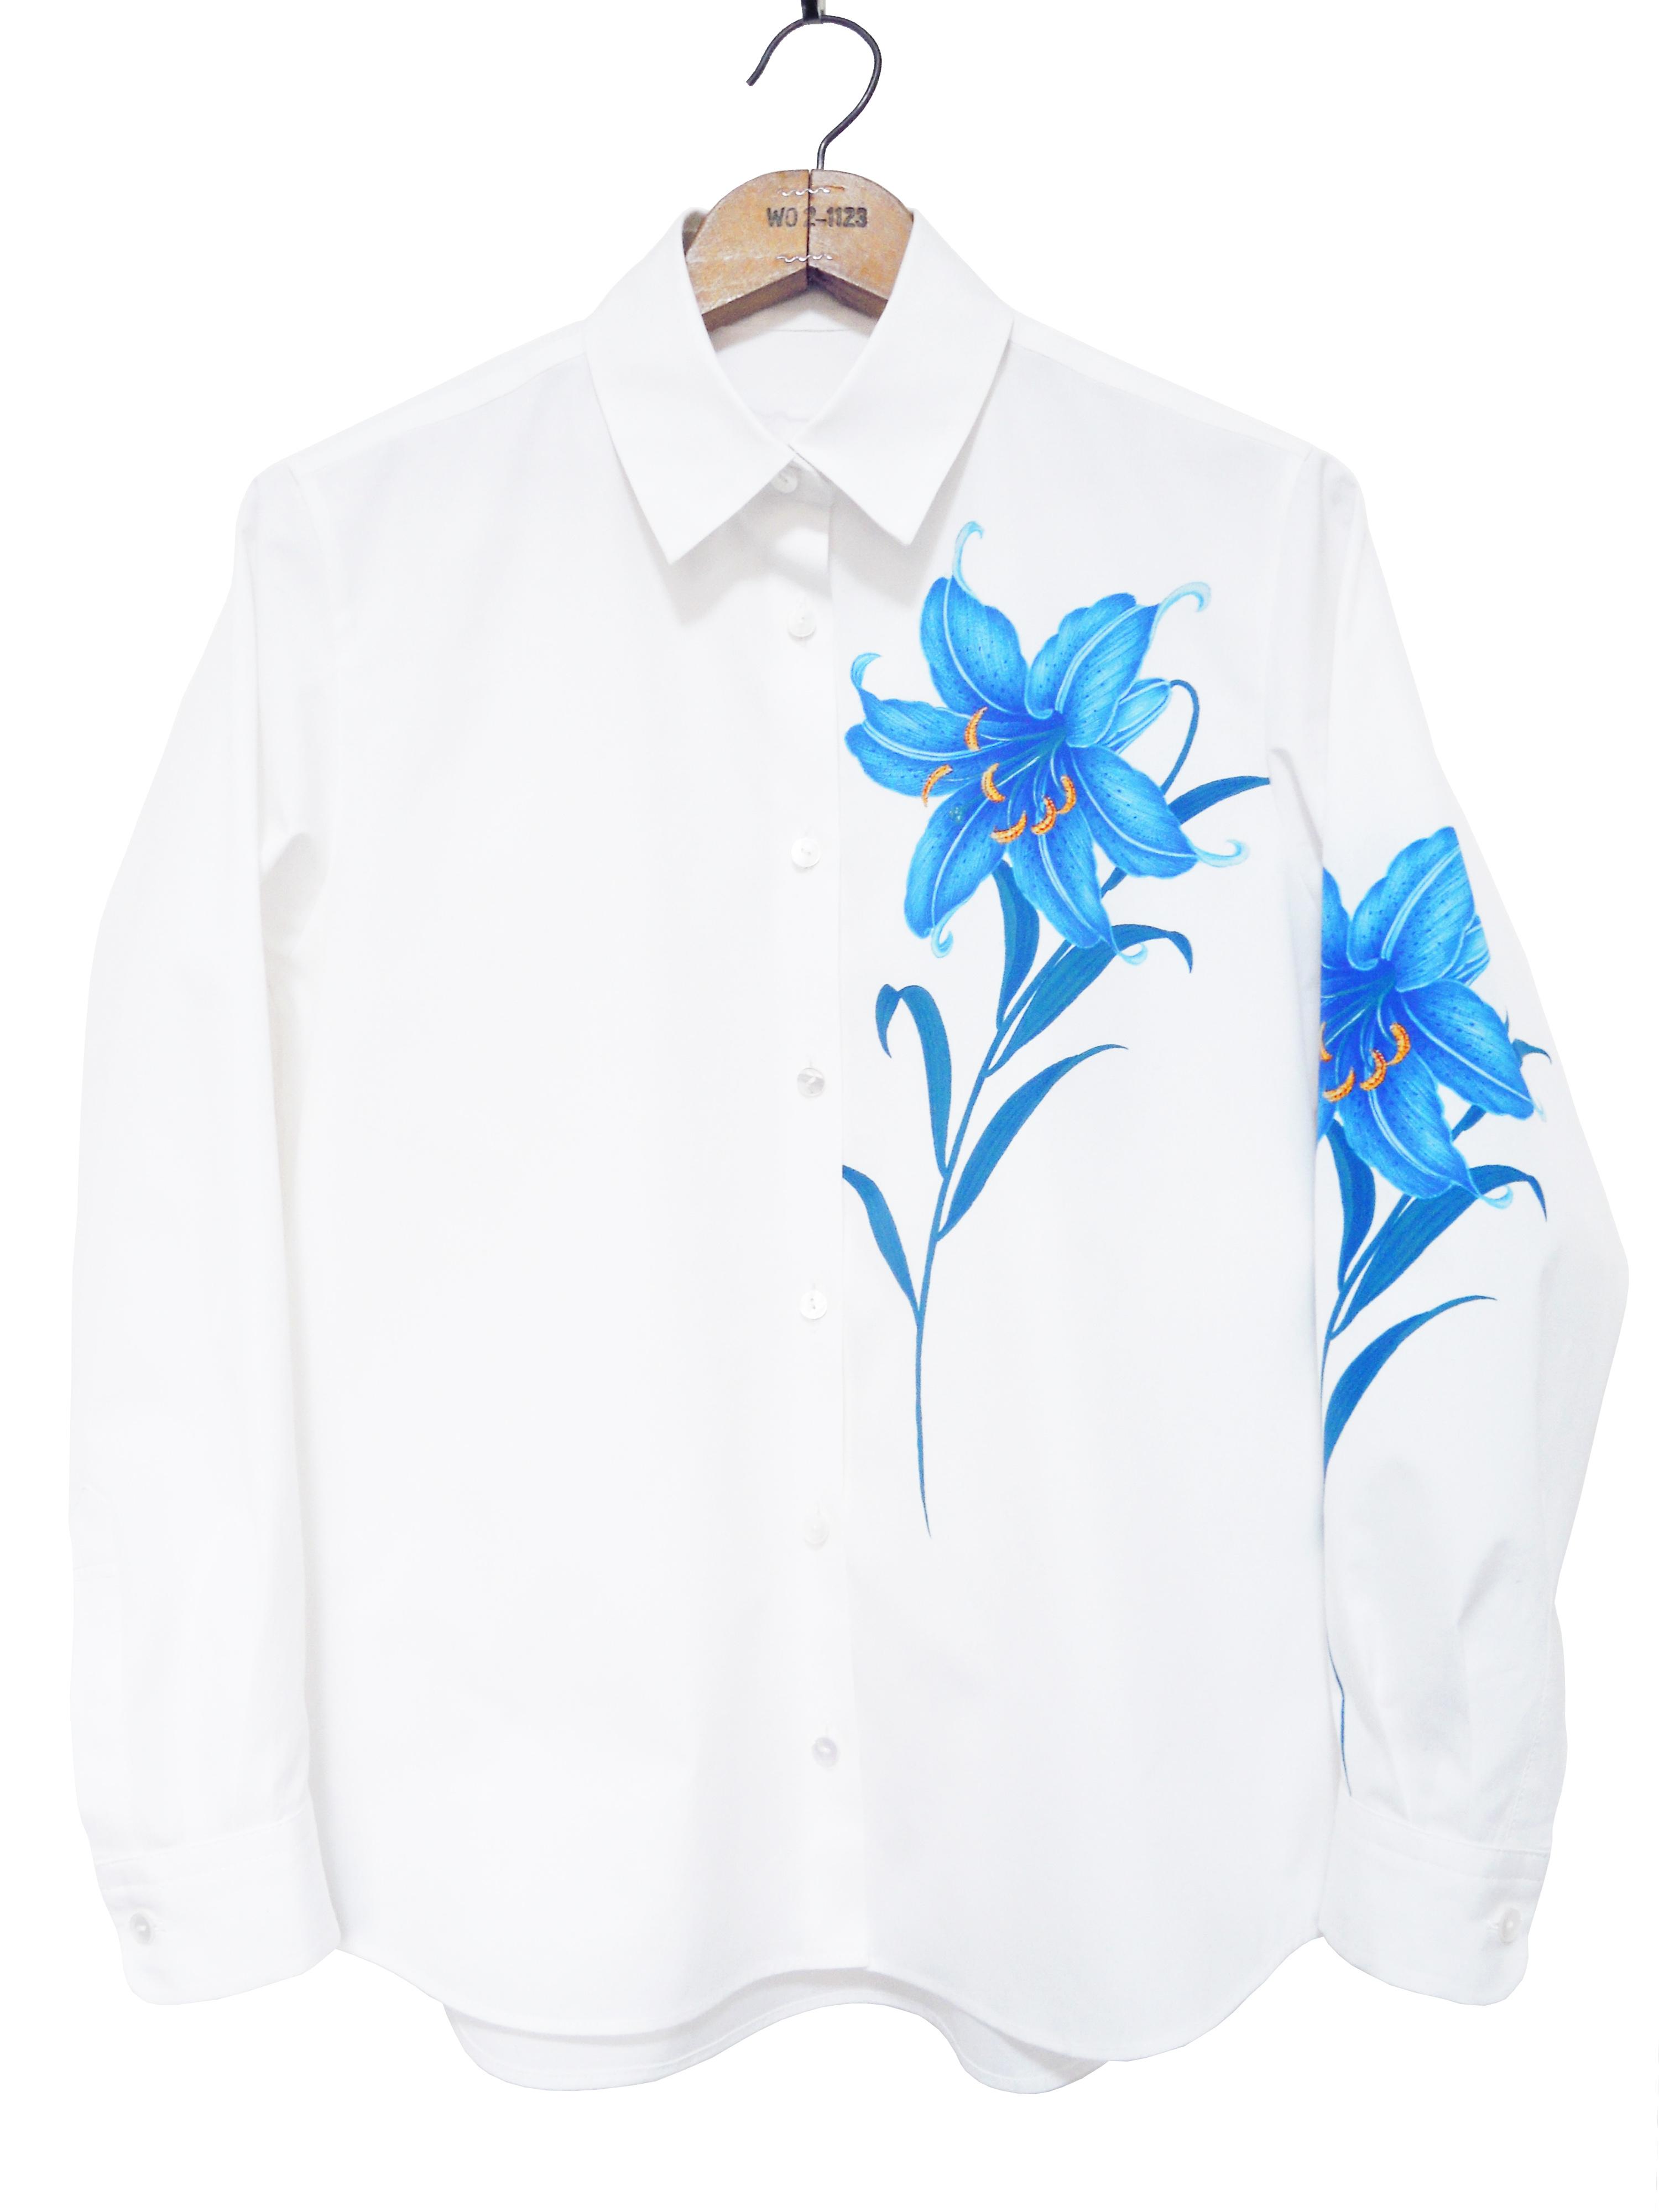 レディスシャツ、プリント、長袖、ブロード、花柄